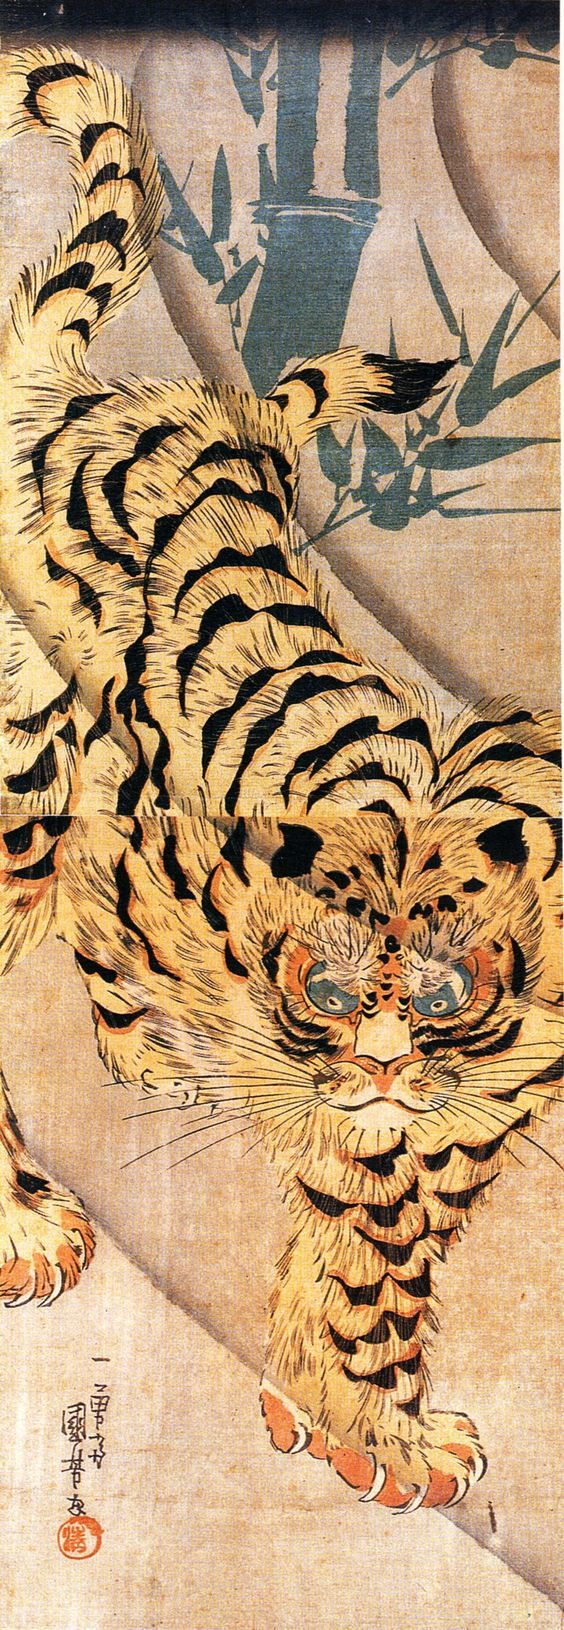 Utagawa Kuniyoshi, Tiger, 19th century: